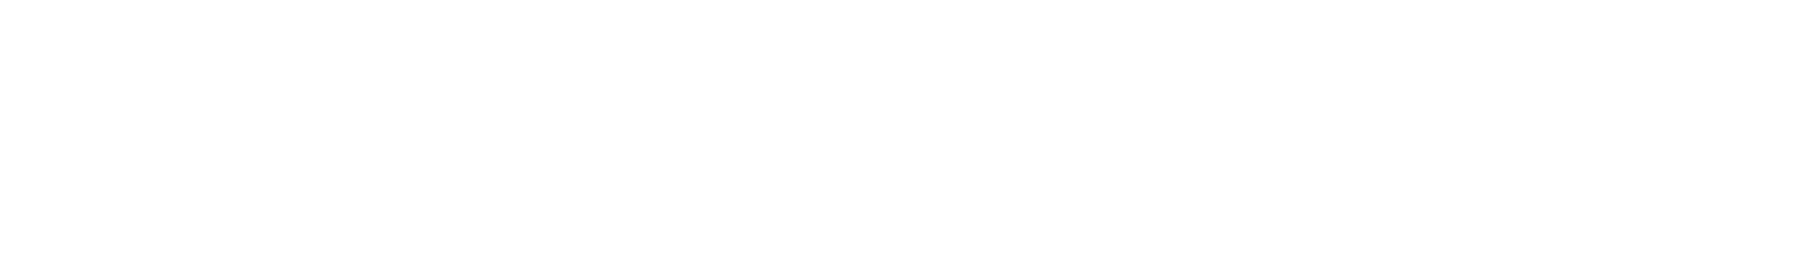 guitarfunk08 120